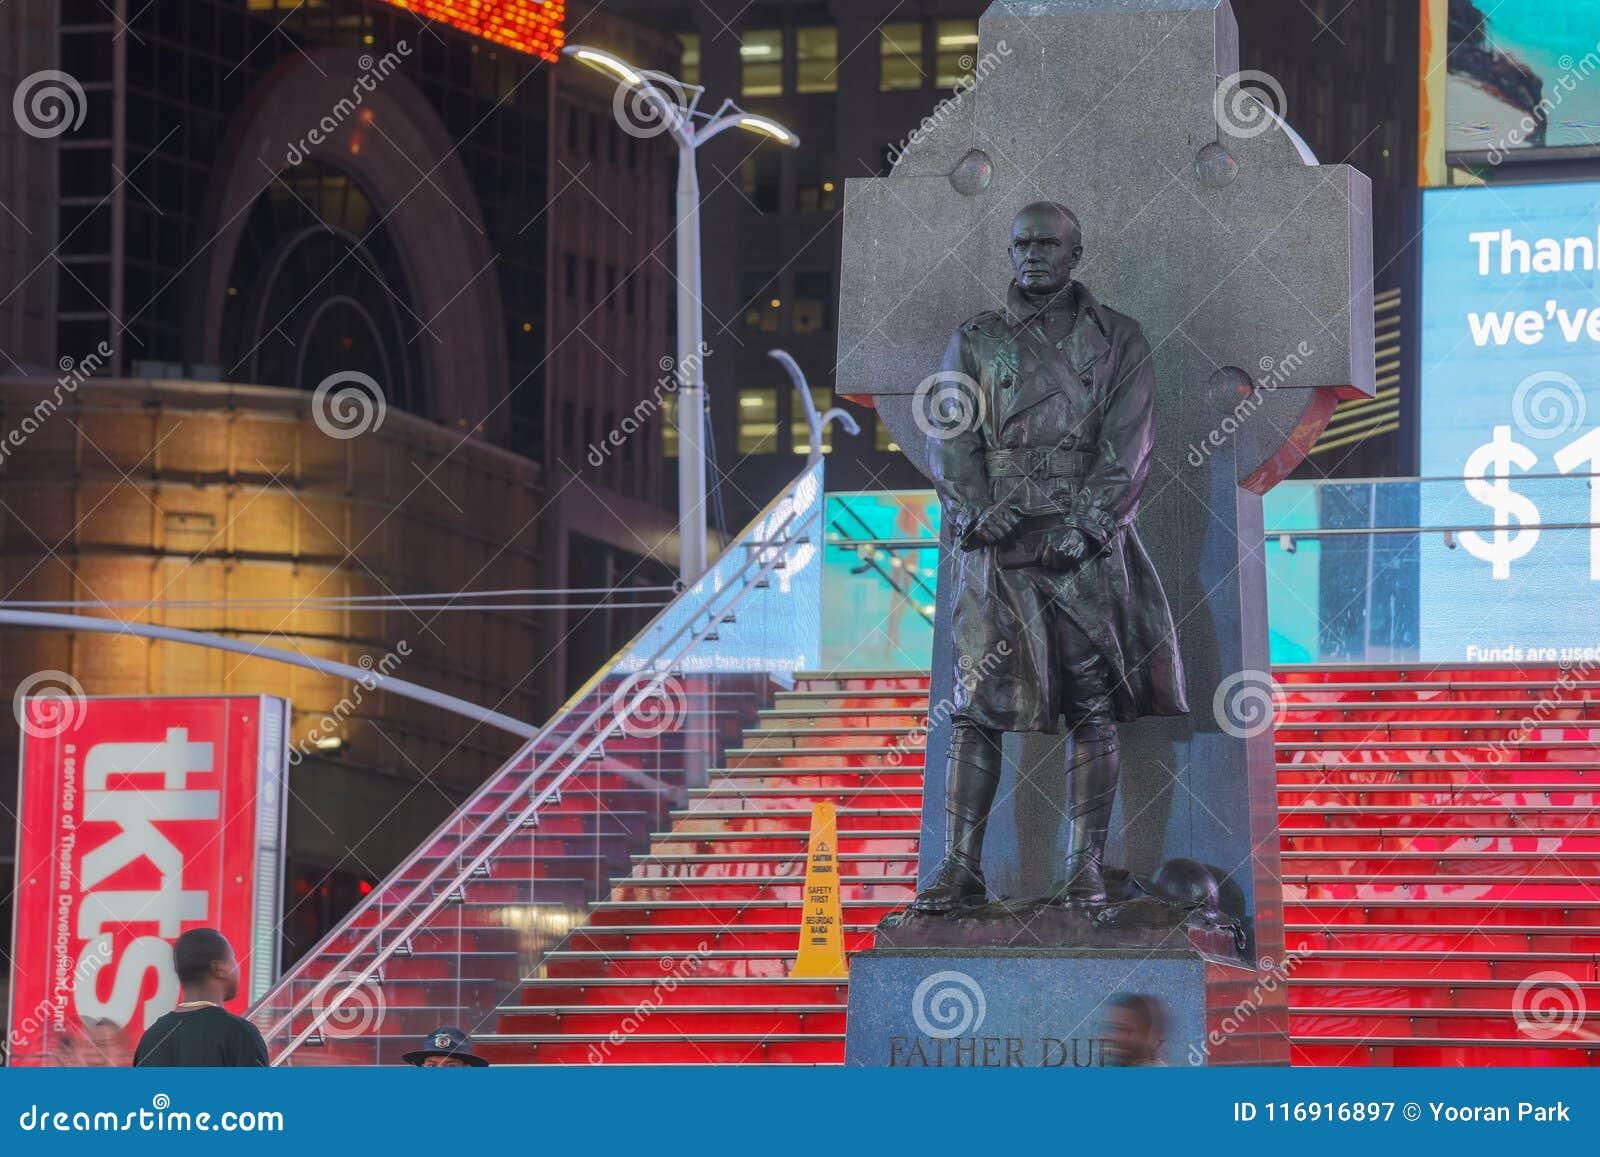 Die Statue des Vaters Duffy mit Straßenschildern im Times Square, NYC